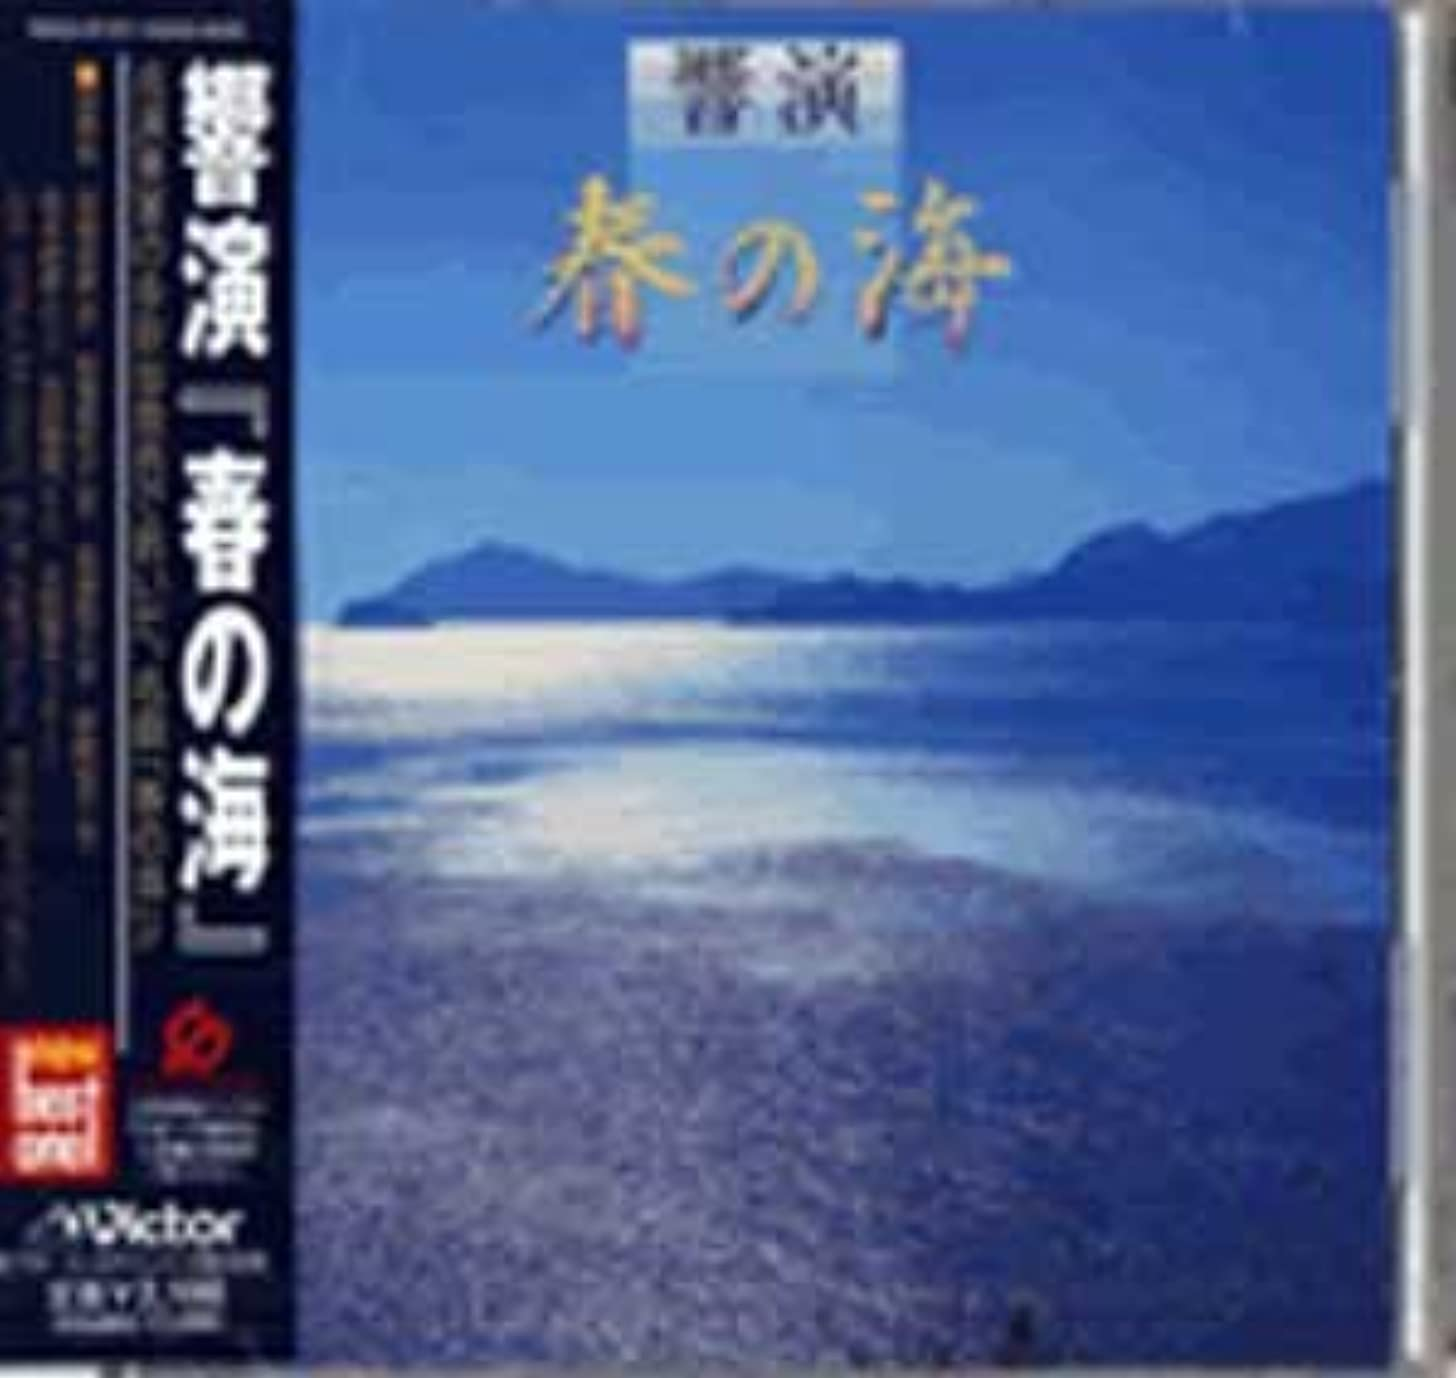 シャット適性控えるCD 宮城道雄 響演 春の海 (送料など込)